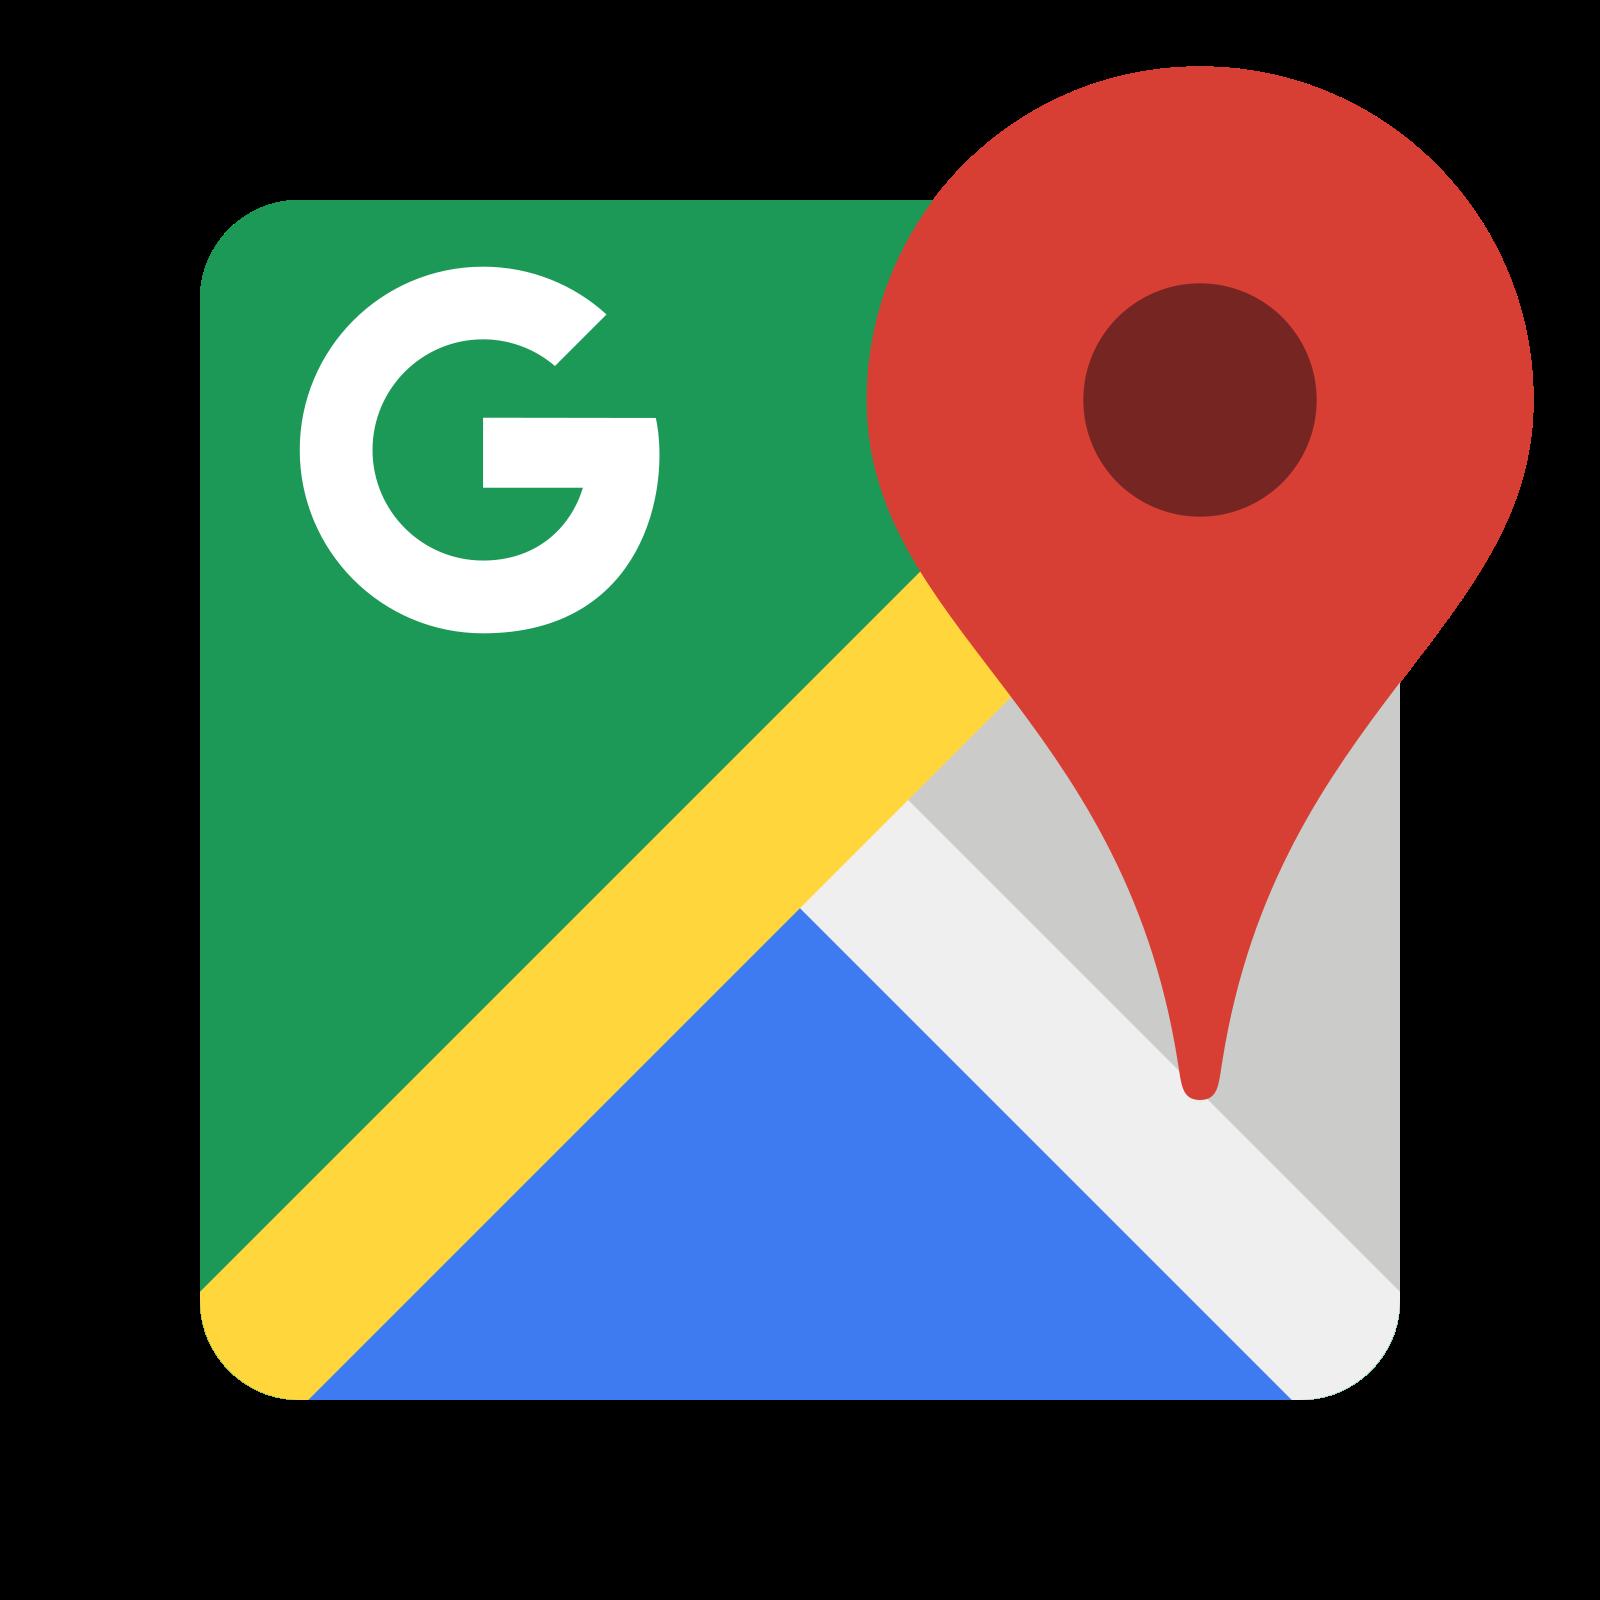 אייקון גוגל מפות